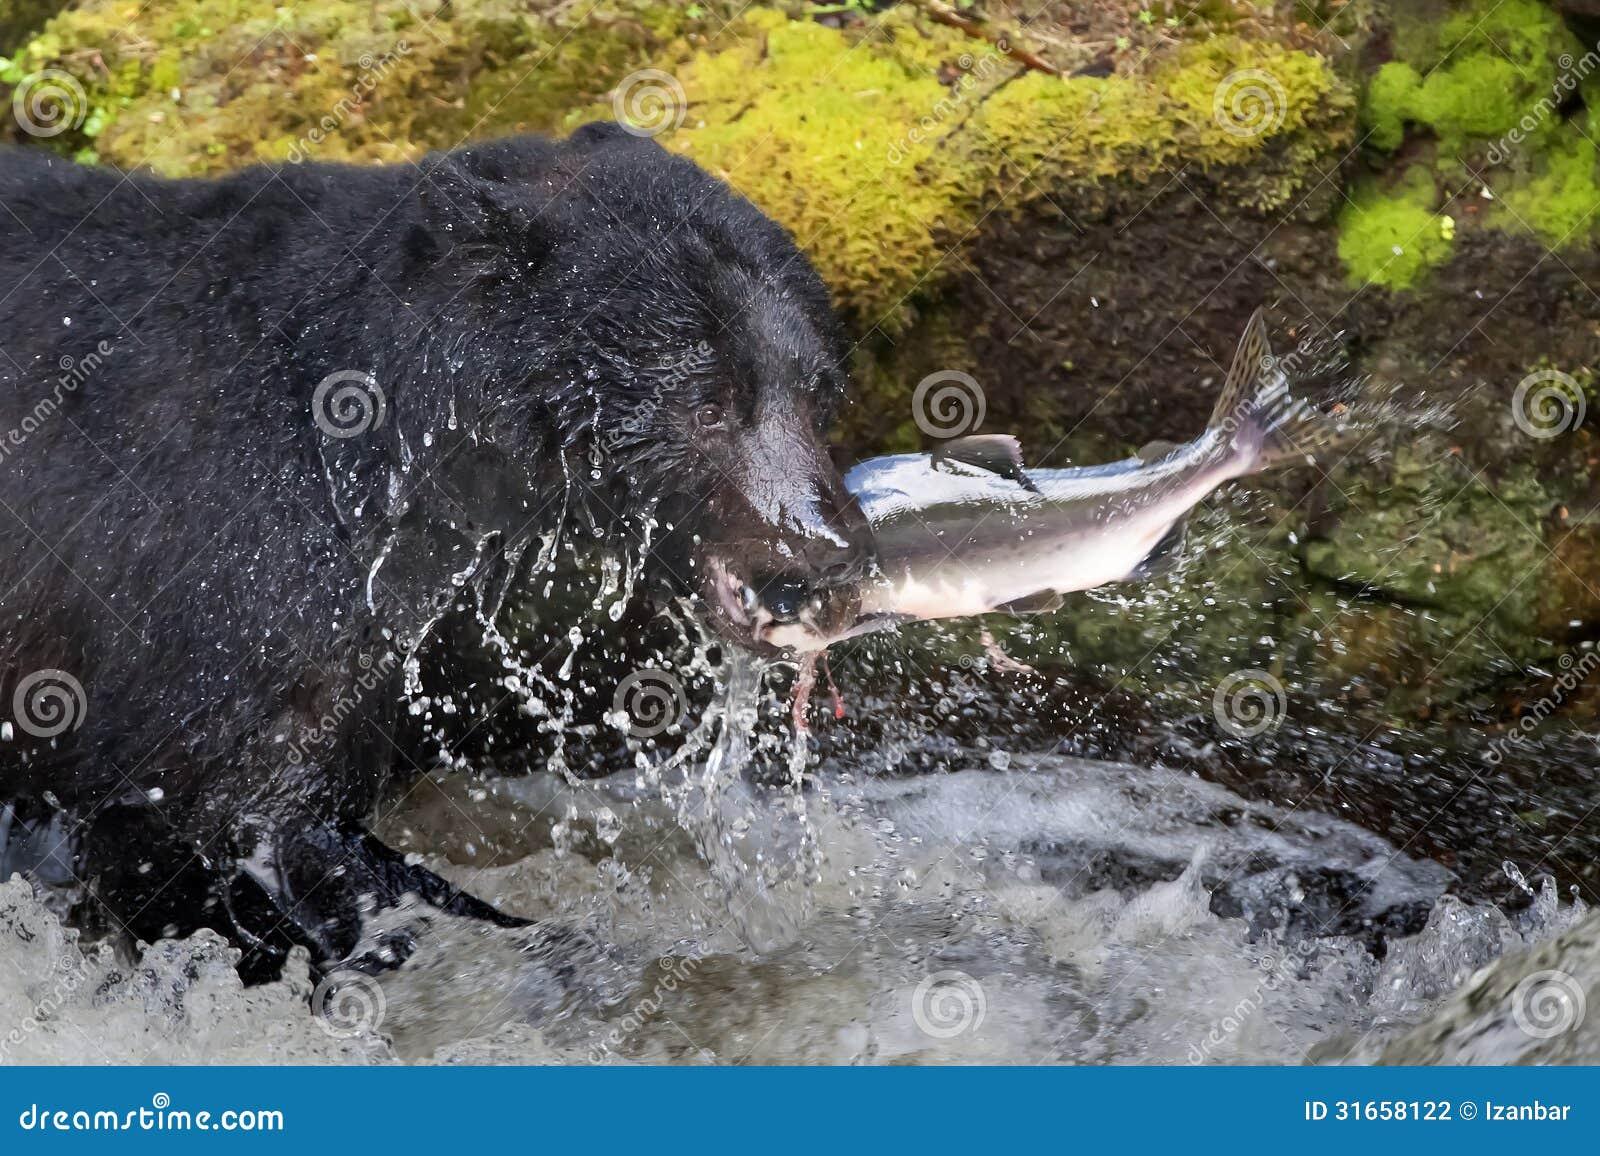 Ο Μαύρος αντέχει έναν σολομό σε έναν ποταμό με τον παφλασμό και το γρήγορο φαγητό της Αλάσκας αίματος